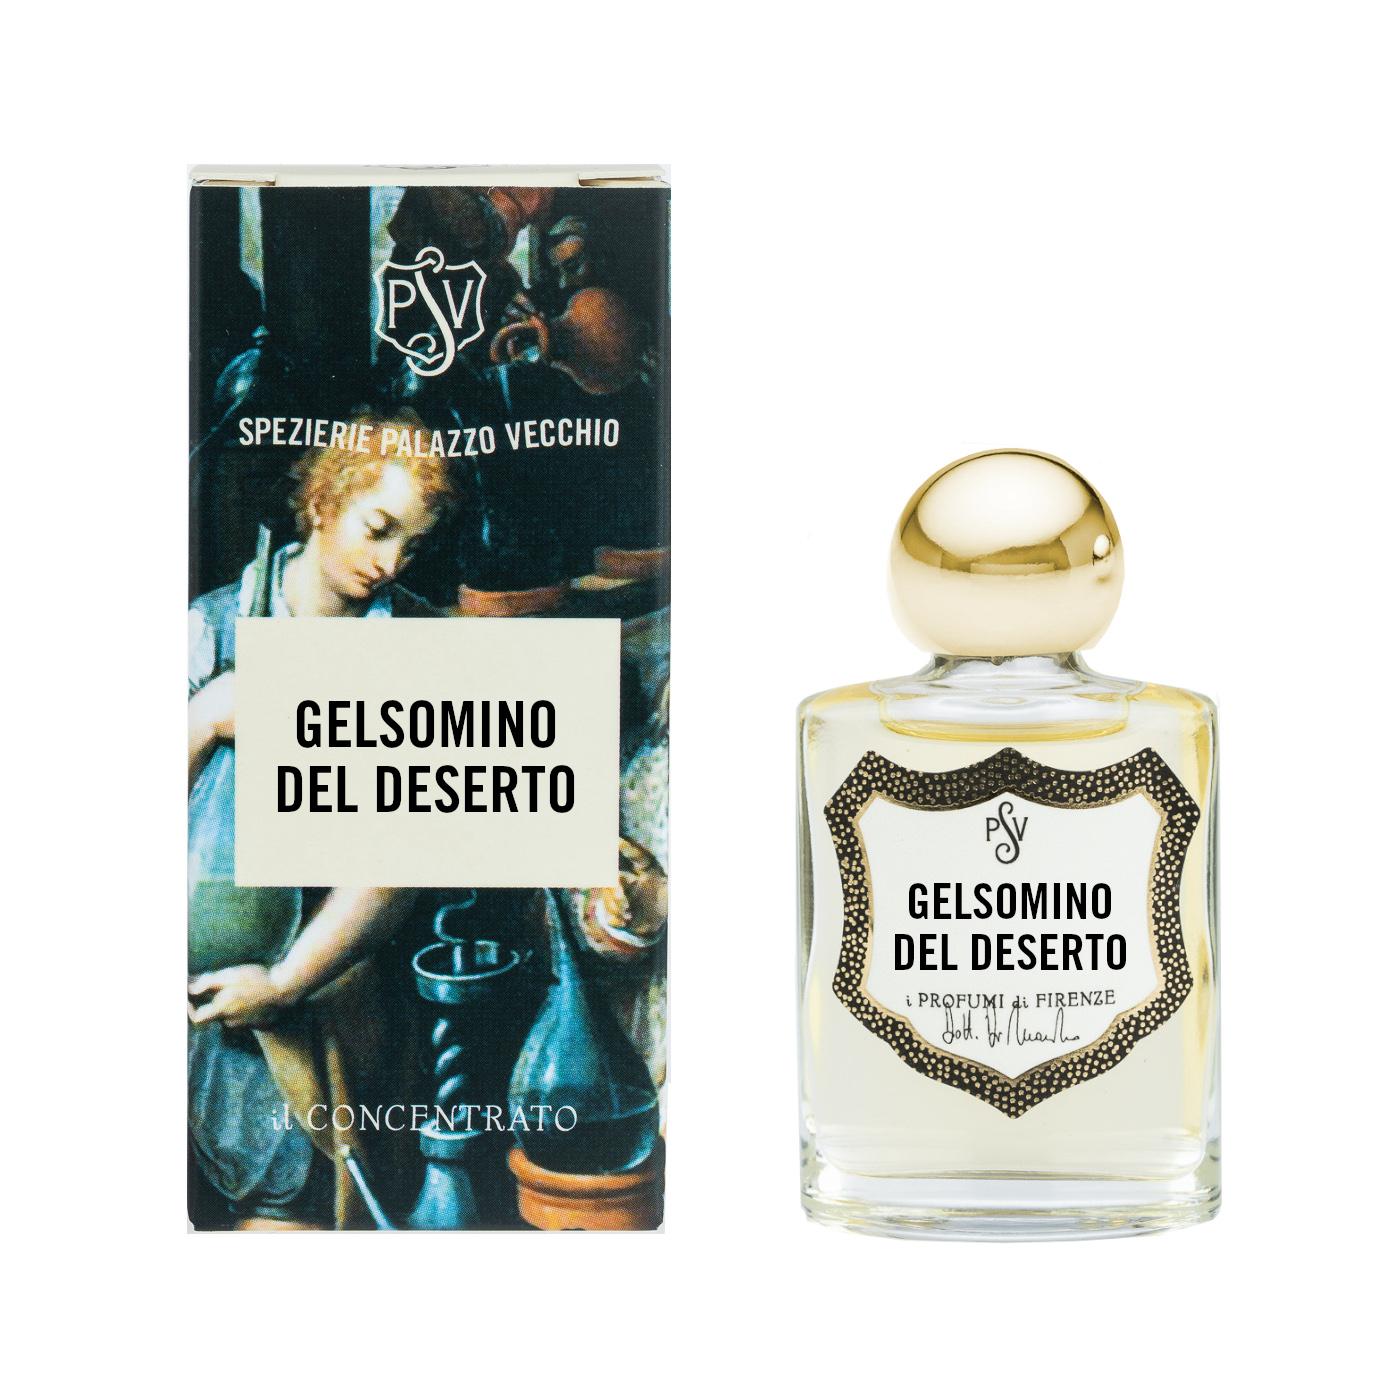 GELSOMINO DEL DESERTO - Il Concentrato-4320